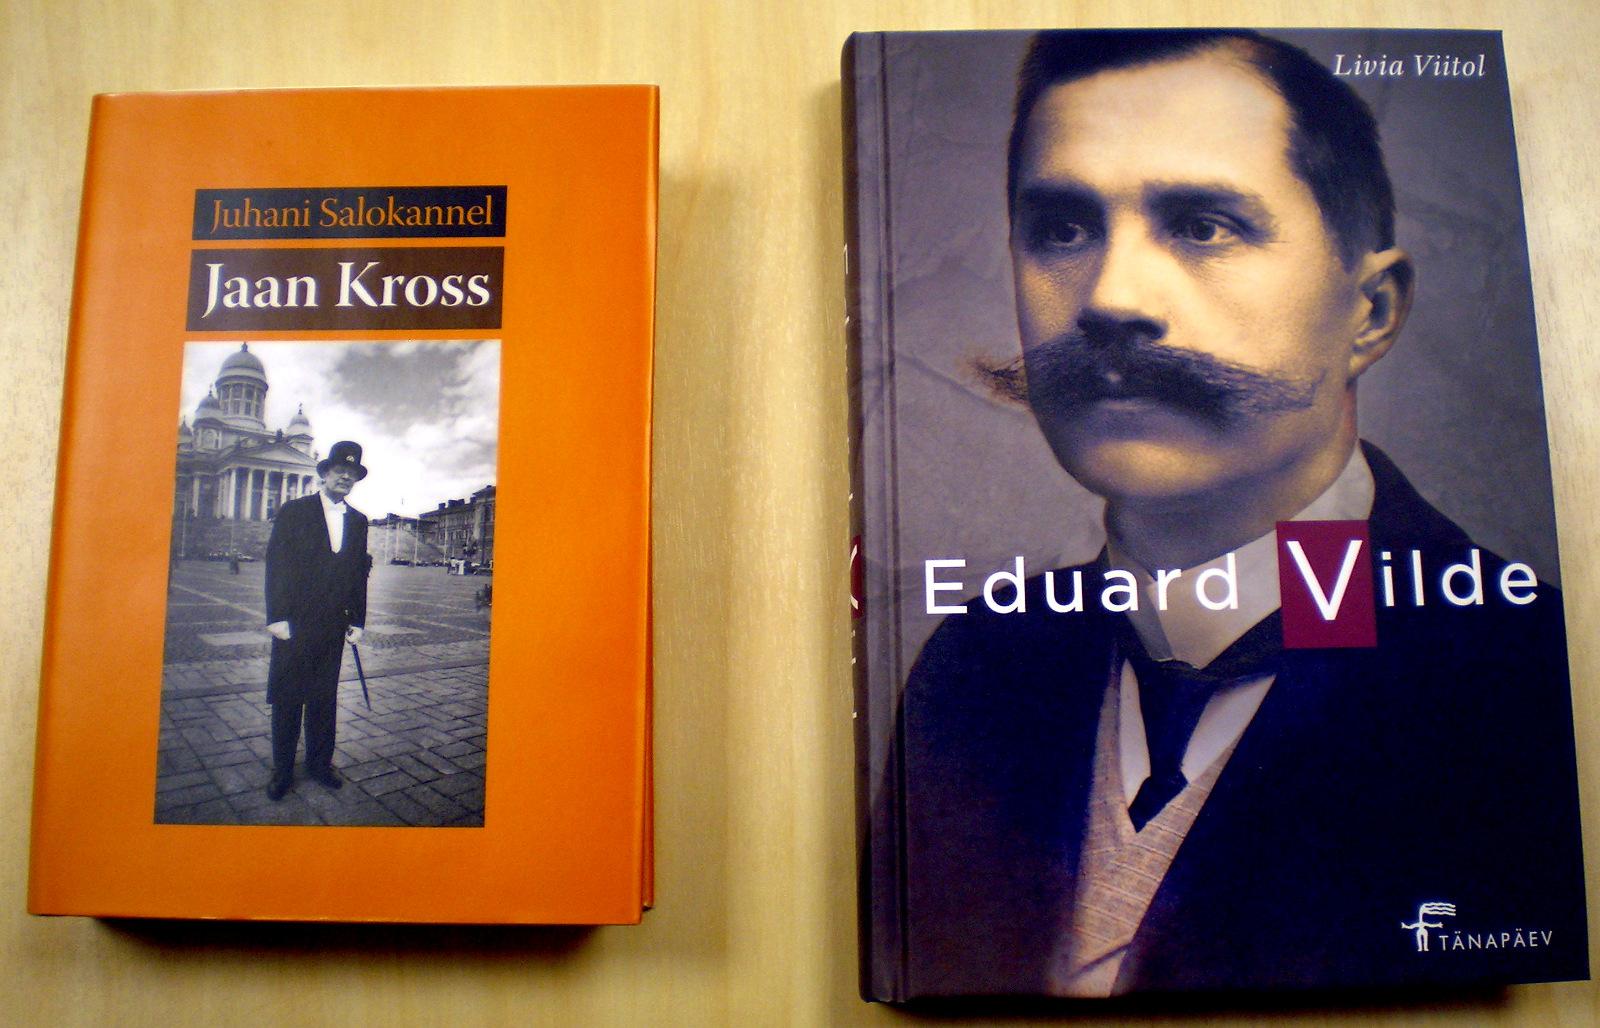 Sajandi kaks Eesti suurkuju. Jaan Kross 95 ja Eduard Vilde 150